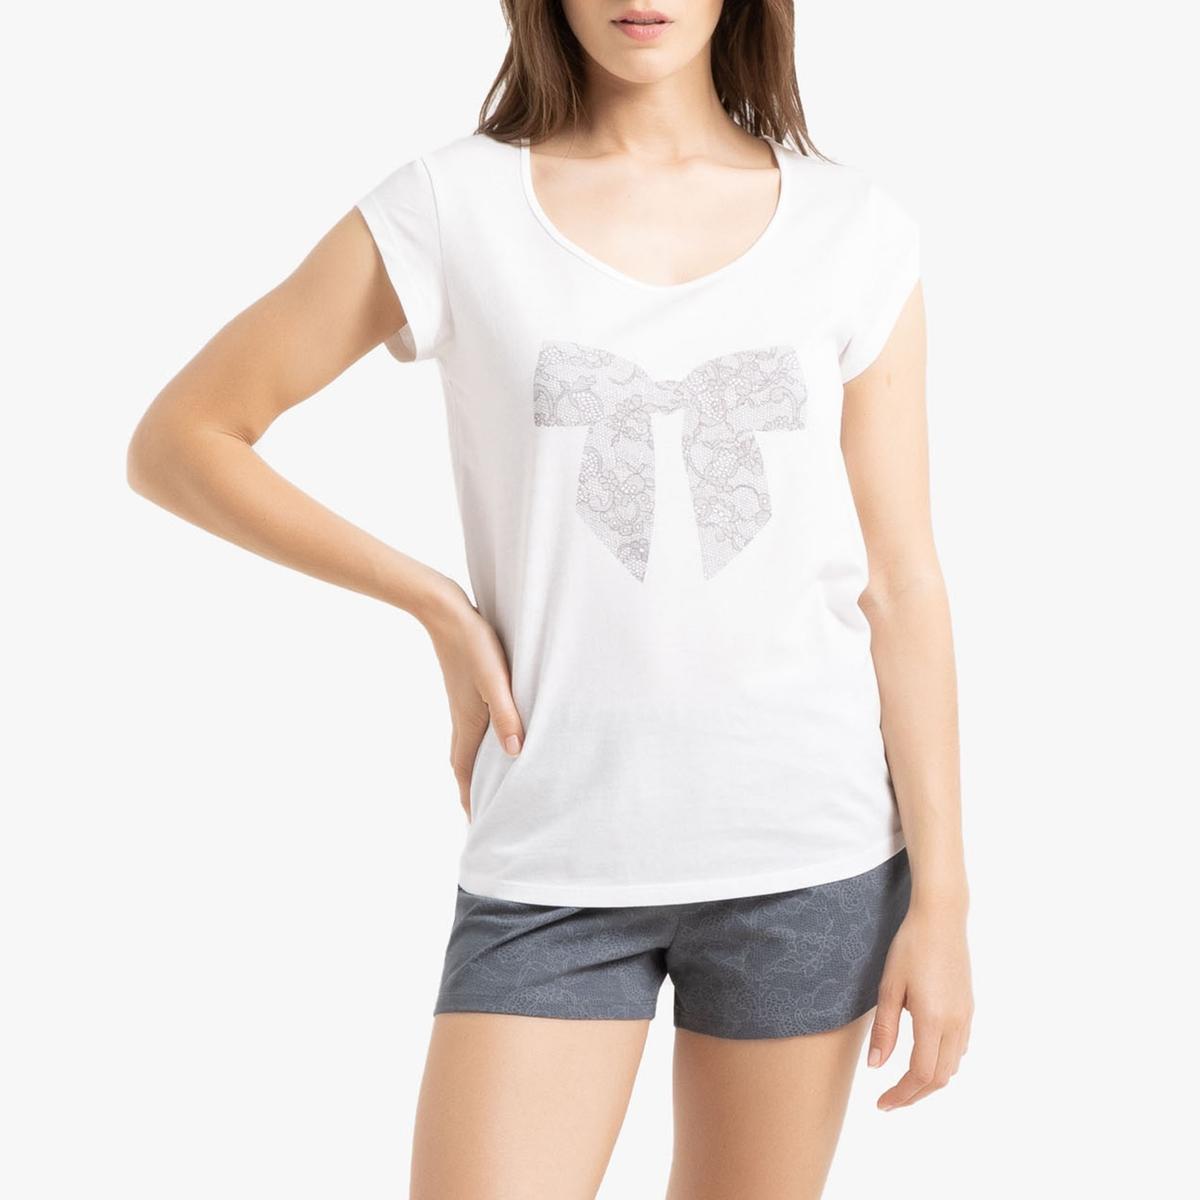 Пижама La Redoute С шортами короткими рукавами и рисунком 34/36 (FR) - 40/42 (RUS) белый пижама la redoute с принтом короткая 34 36 fr 40 42 rus белый